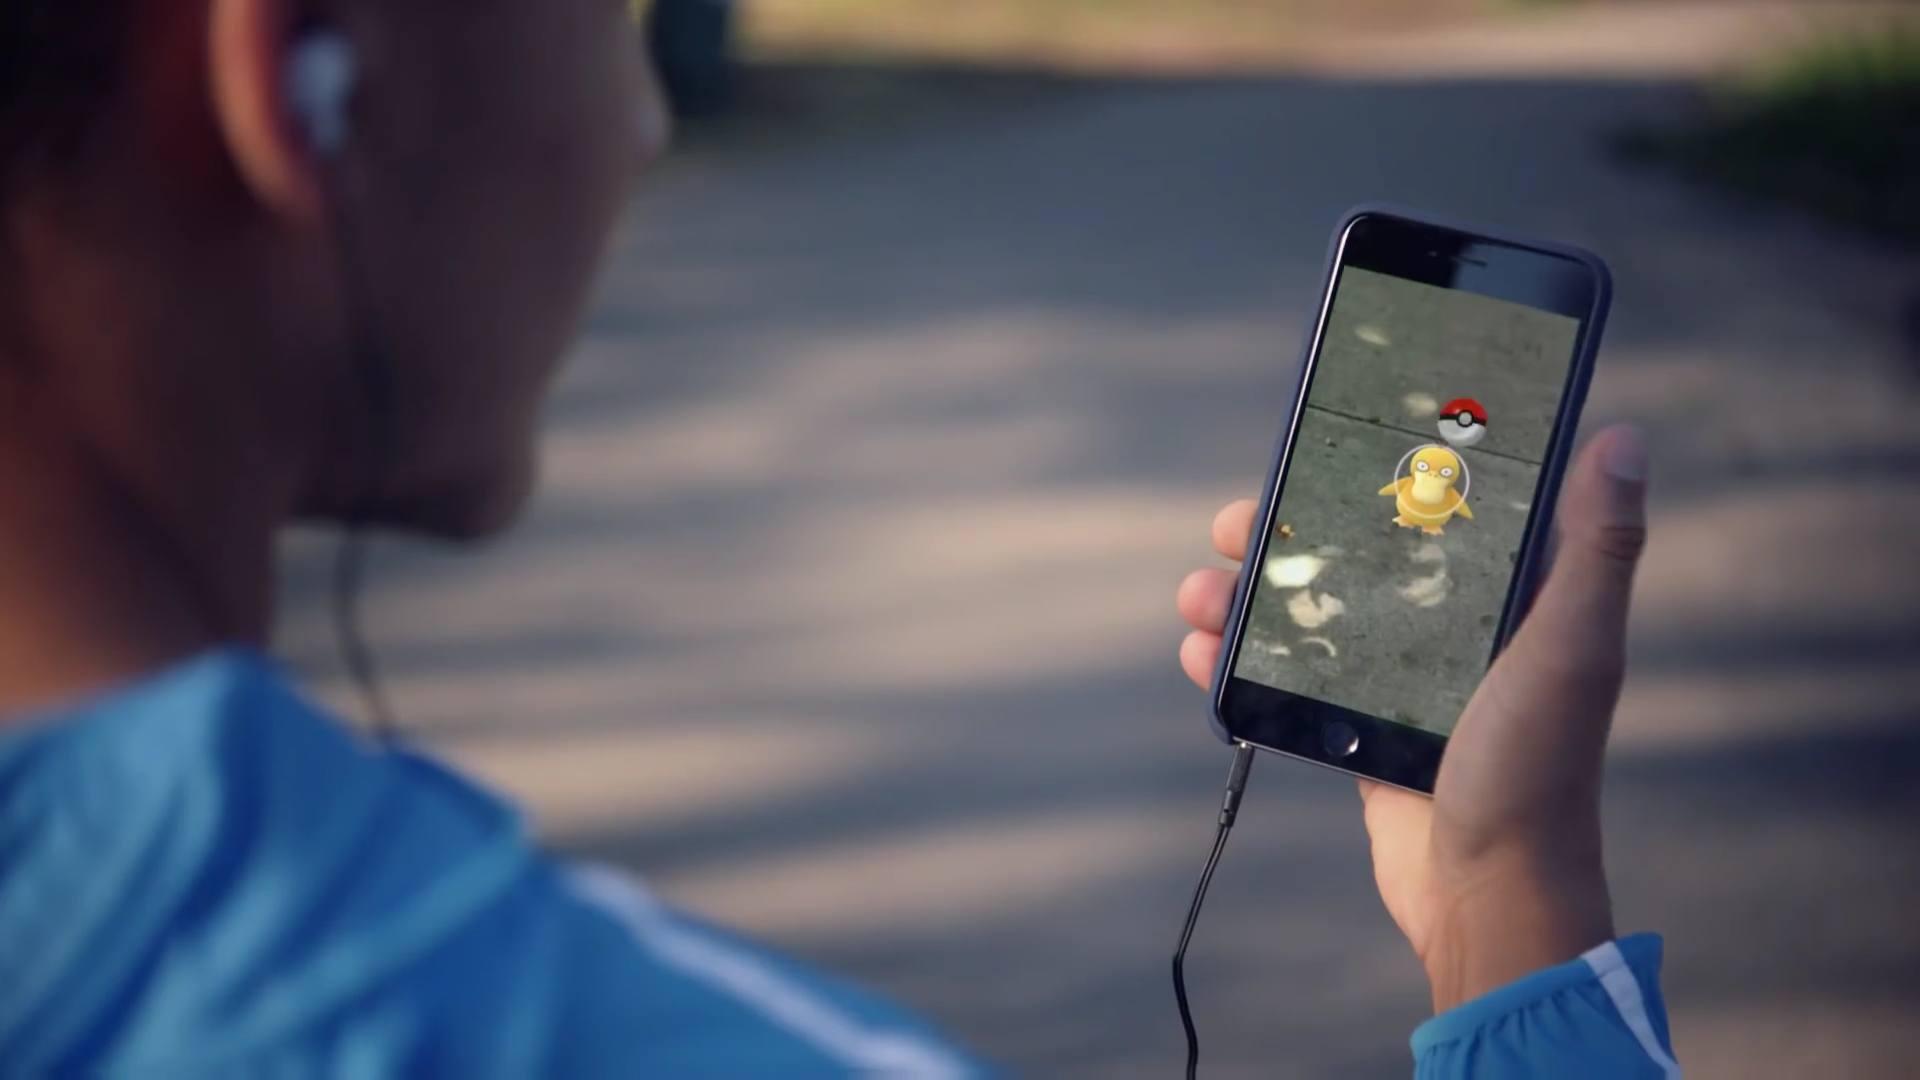 Pokémon GO youtu.be-3QhZBg8qWyo (3)